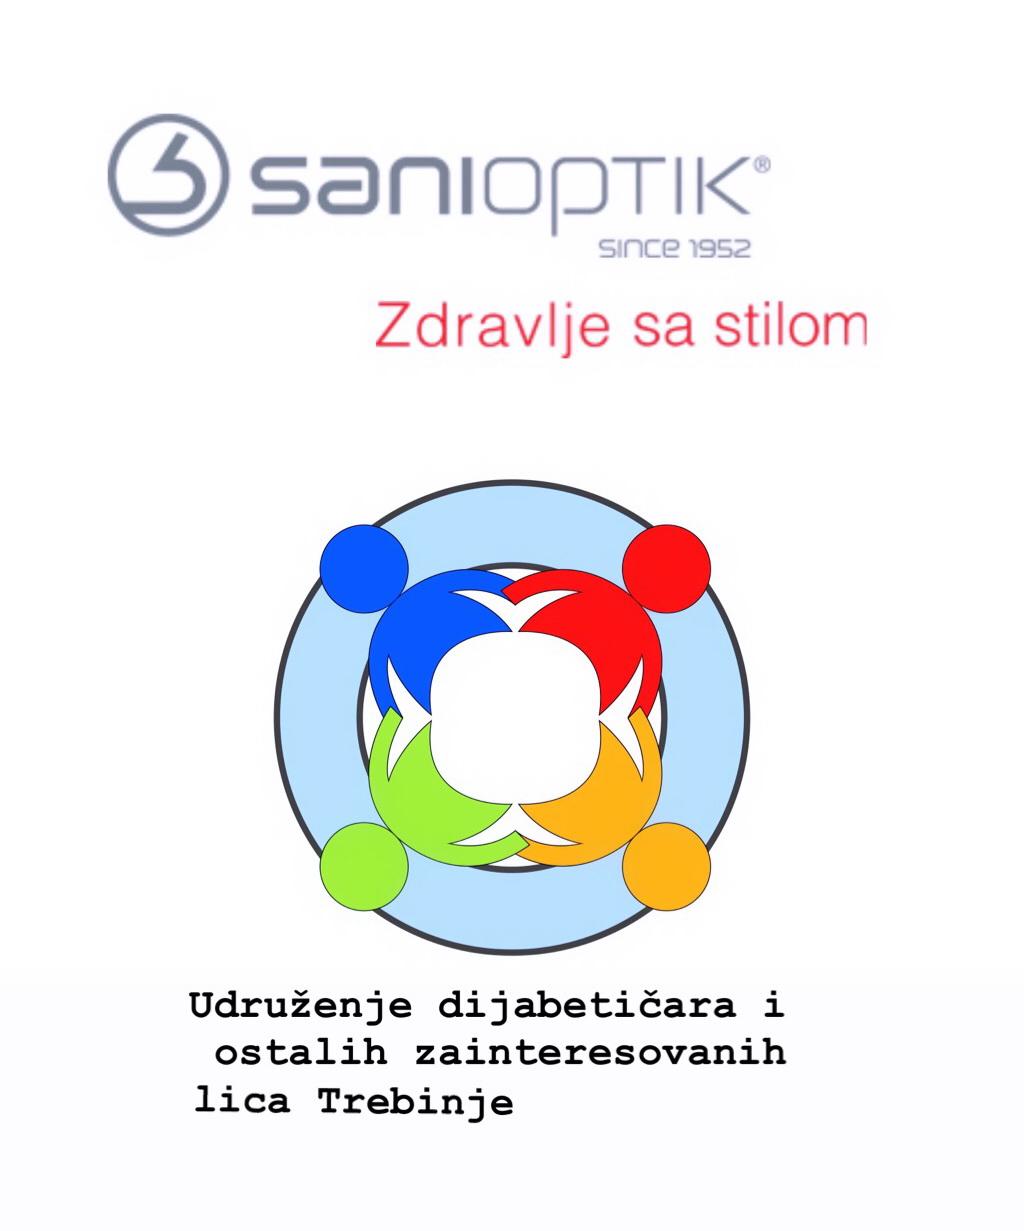 Lijepe vijesti iz udruženja dijabetičara i ostalih zainteresovanih lica Trebinje – Potpisan Protokol o saradnji sa kompanijom Sani Optik